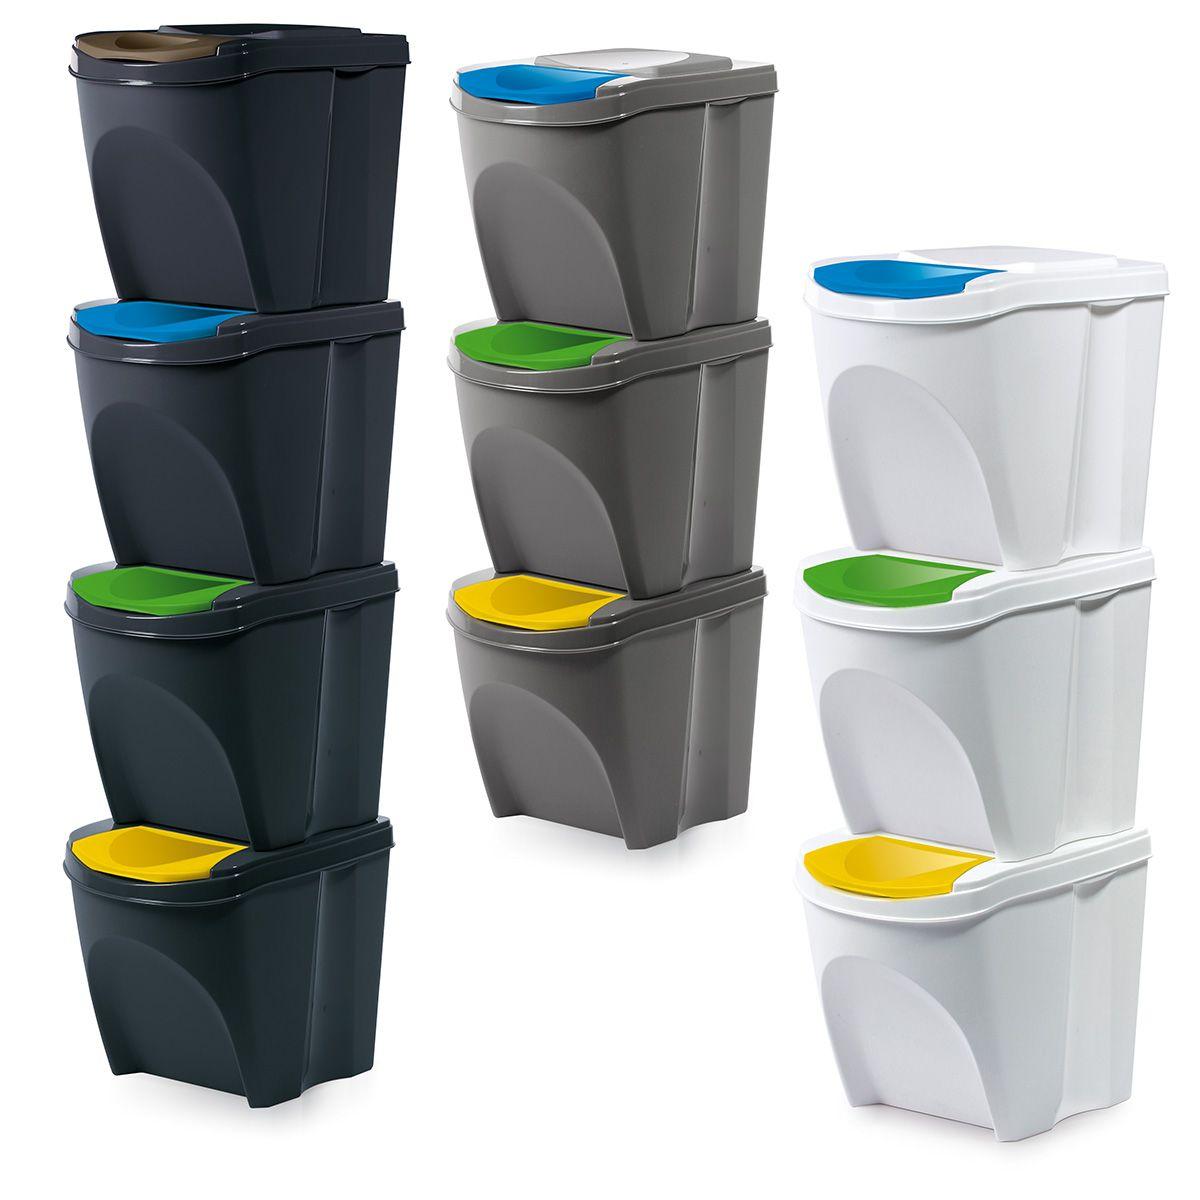 19er Set Mülleimer Küche Sortibox Abfalleimer waste bin 19 L in